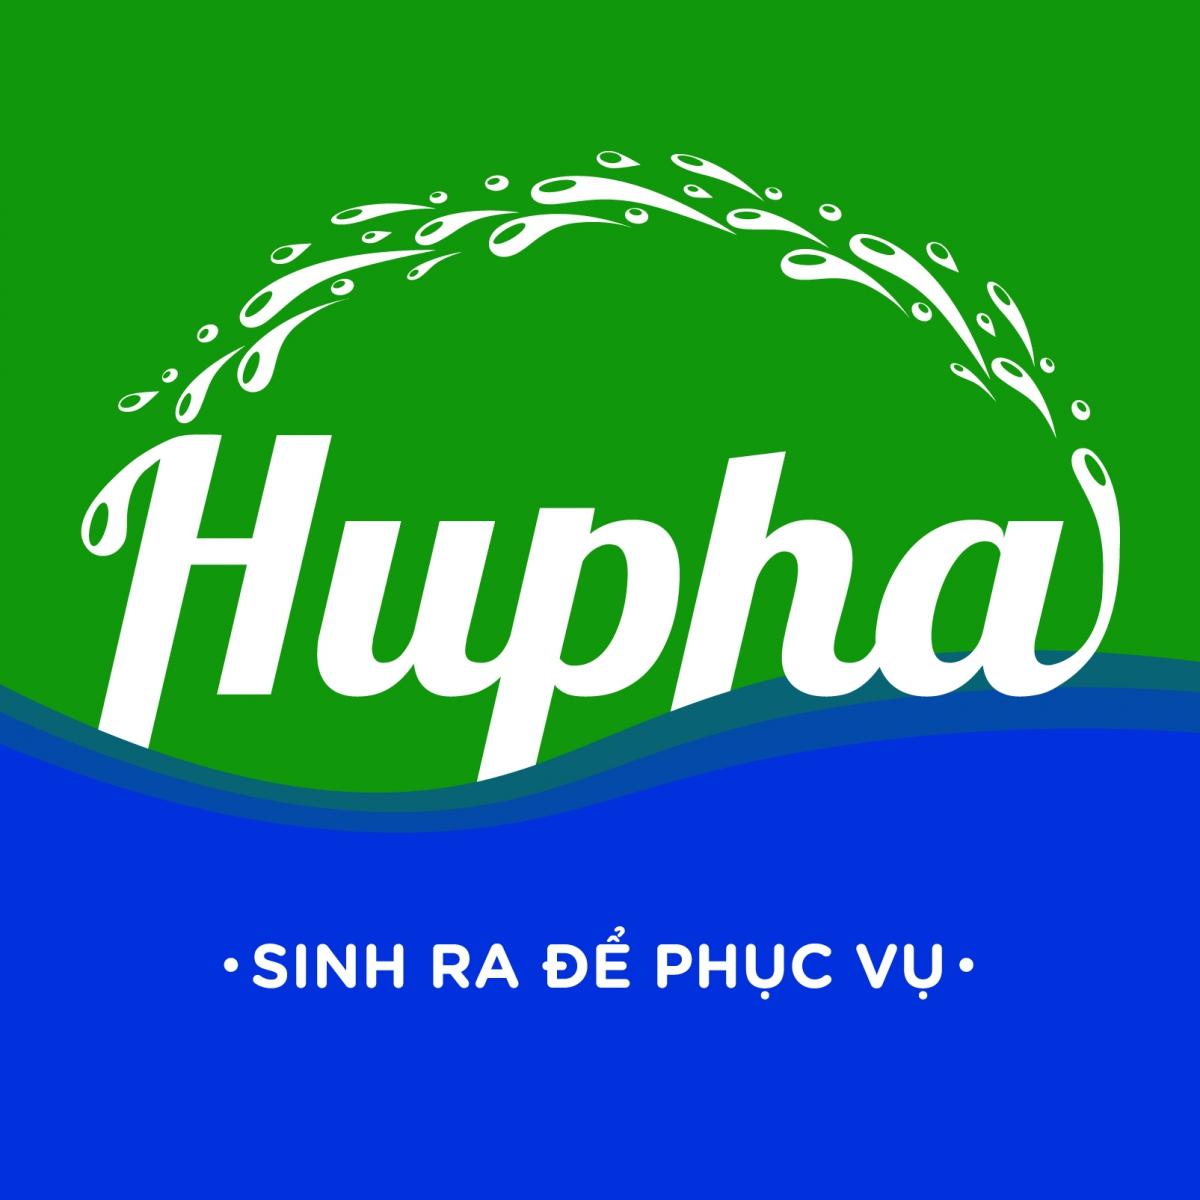 Hệ Thống Giao Nước Uống Đóng Bình HUPHA Tại Thành Phố Hồ Chí Minh